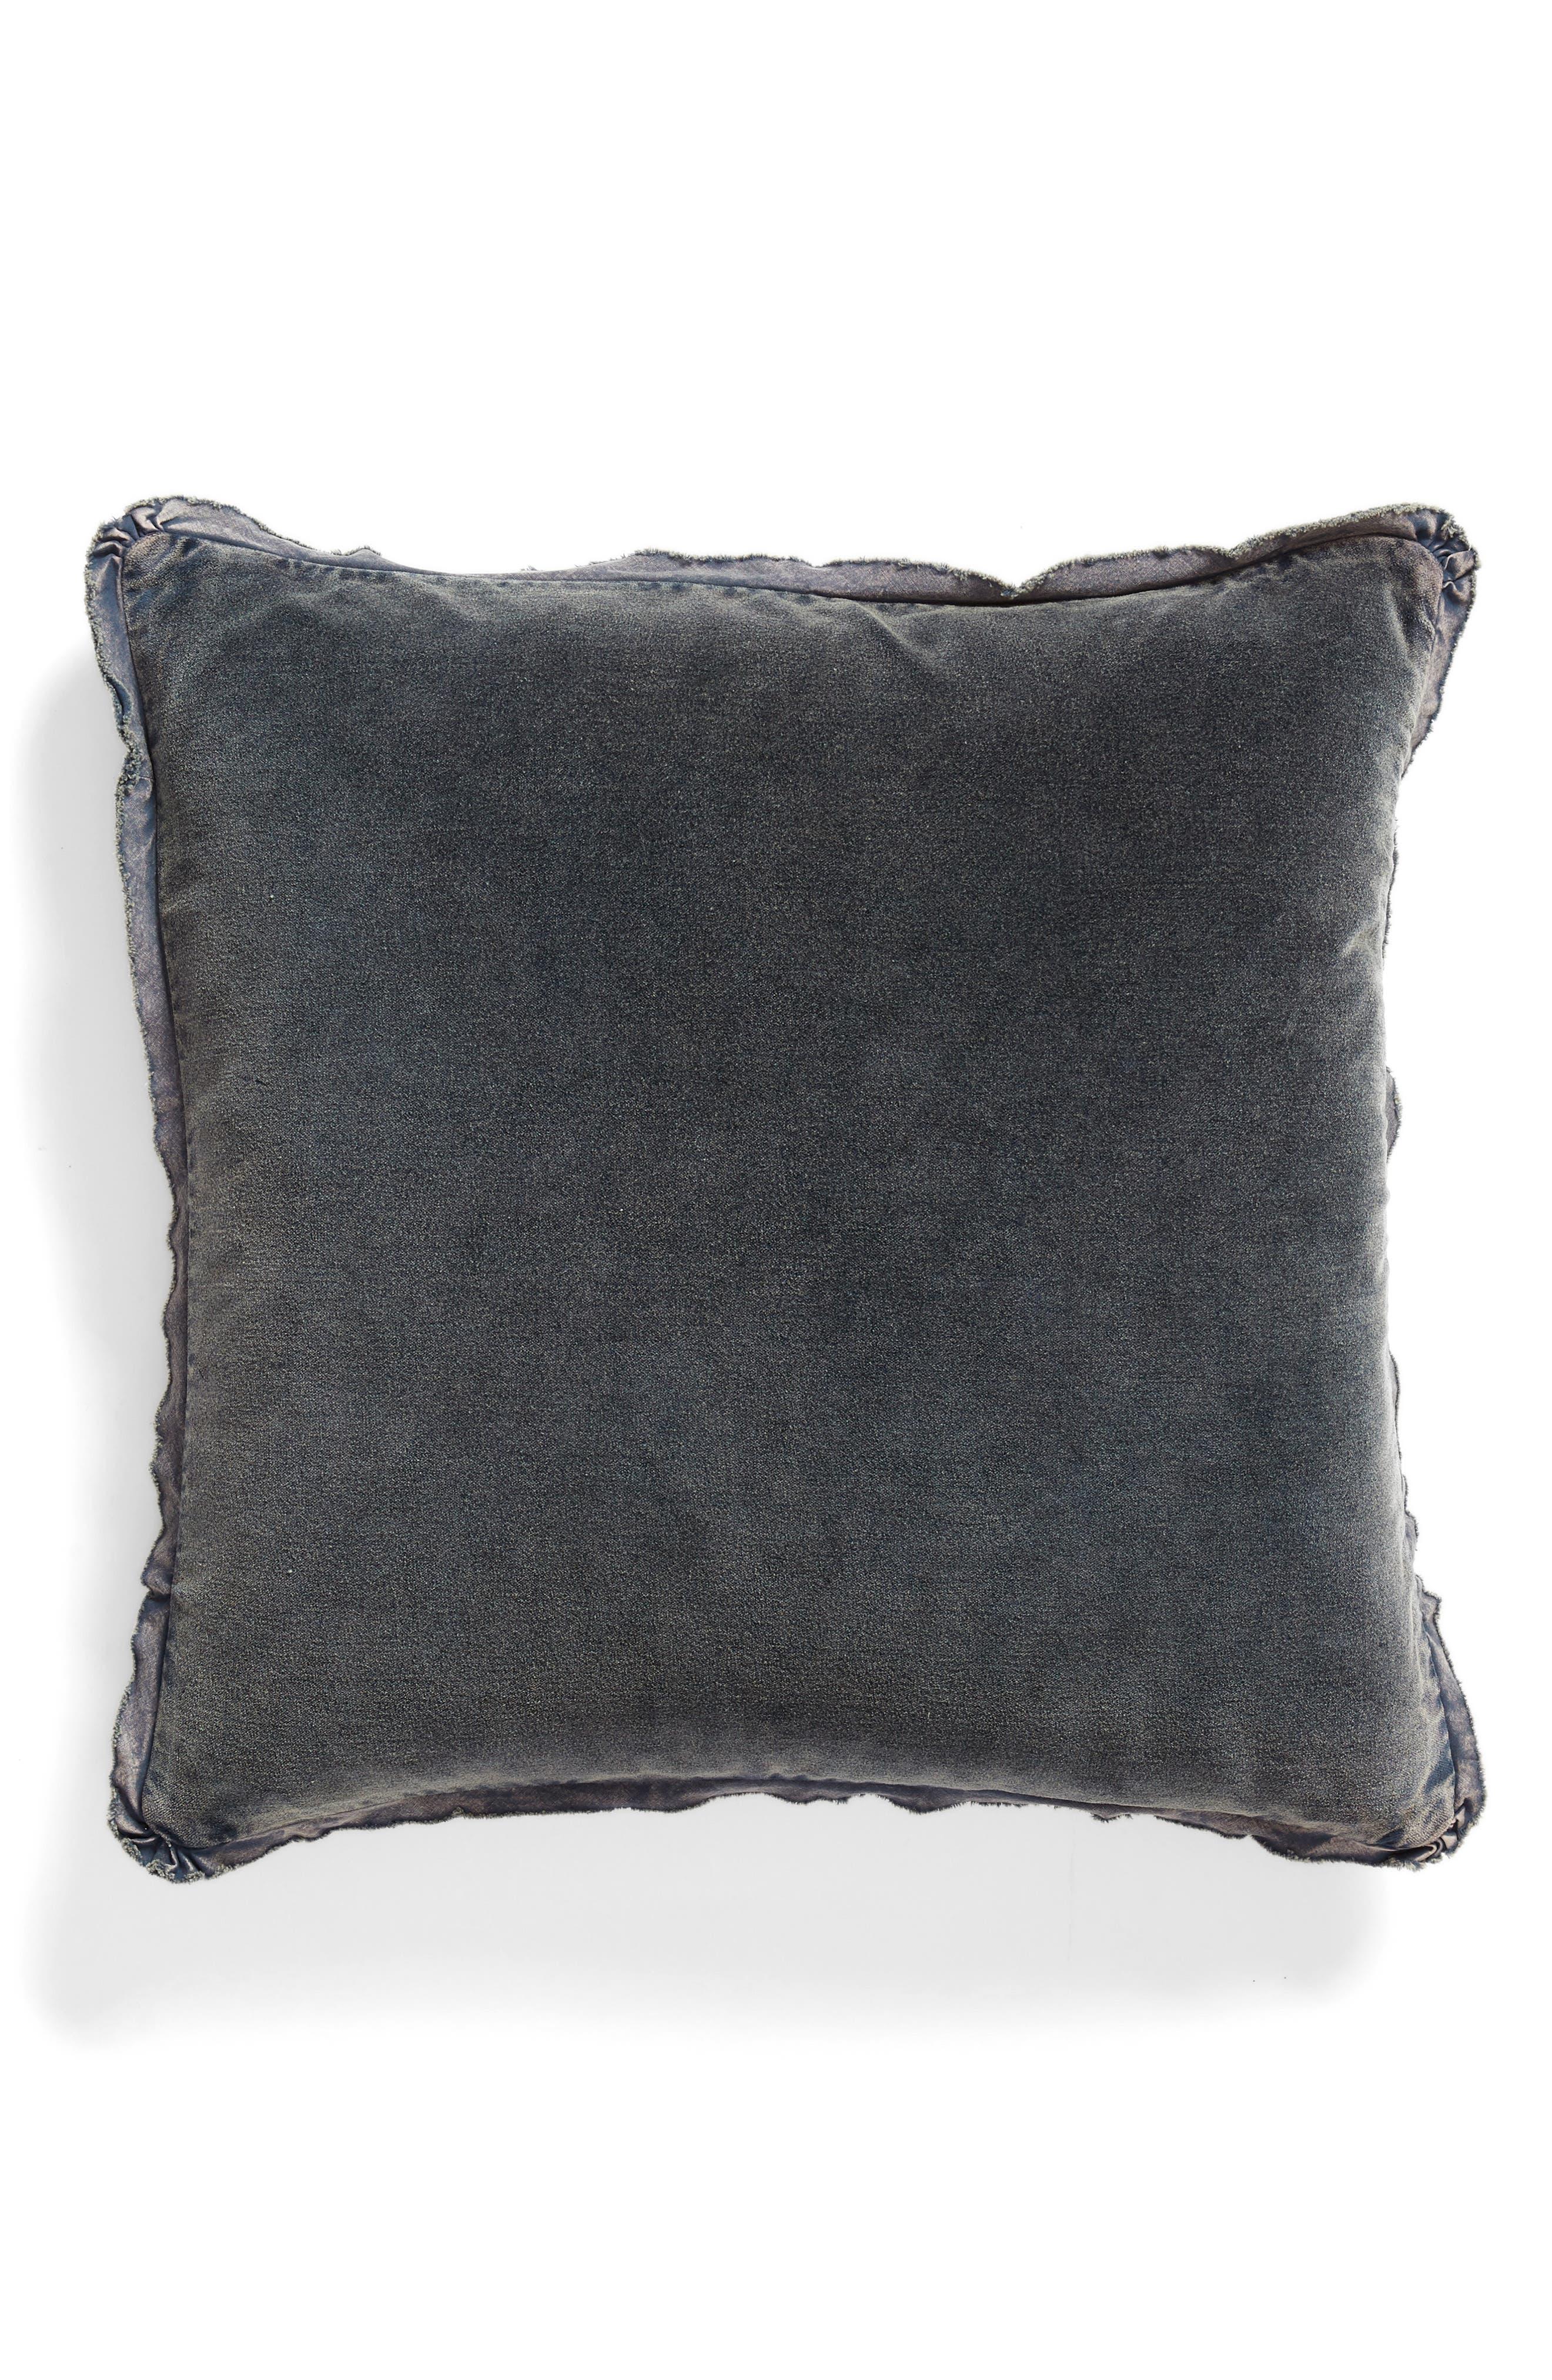 Stonewash Velvet Accent Pillow,                         Main,                         color, NAVY BLUE